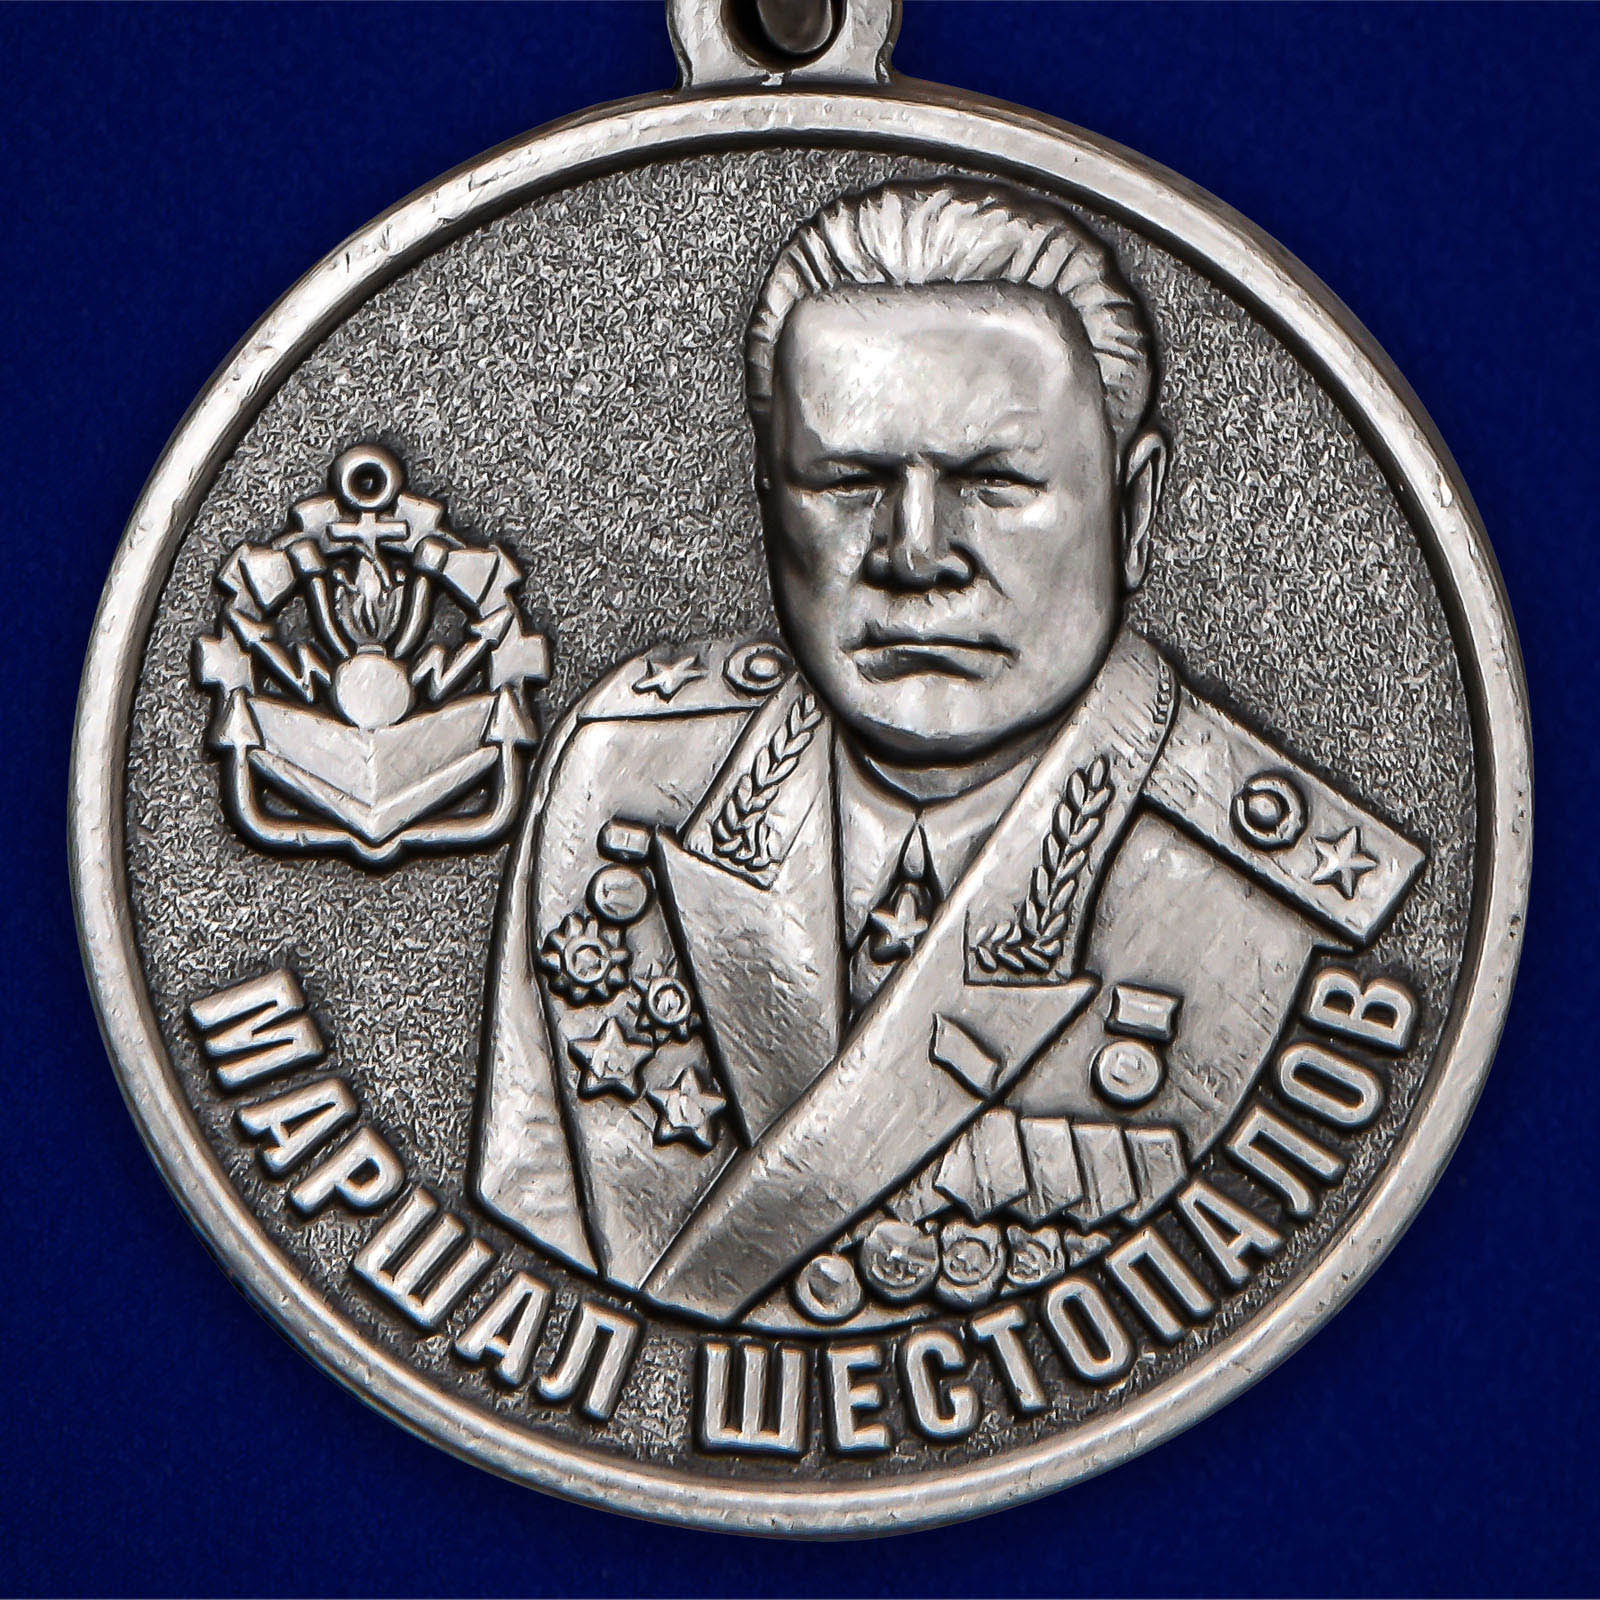 Наградная медаль Маршал Шестопалов МО РФ